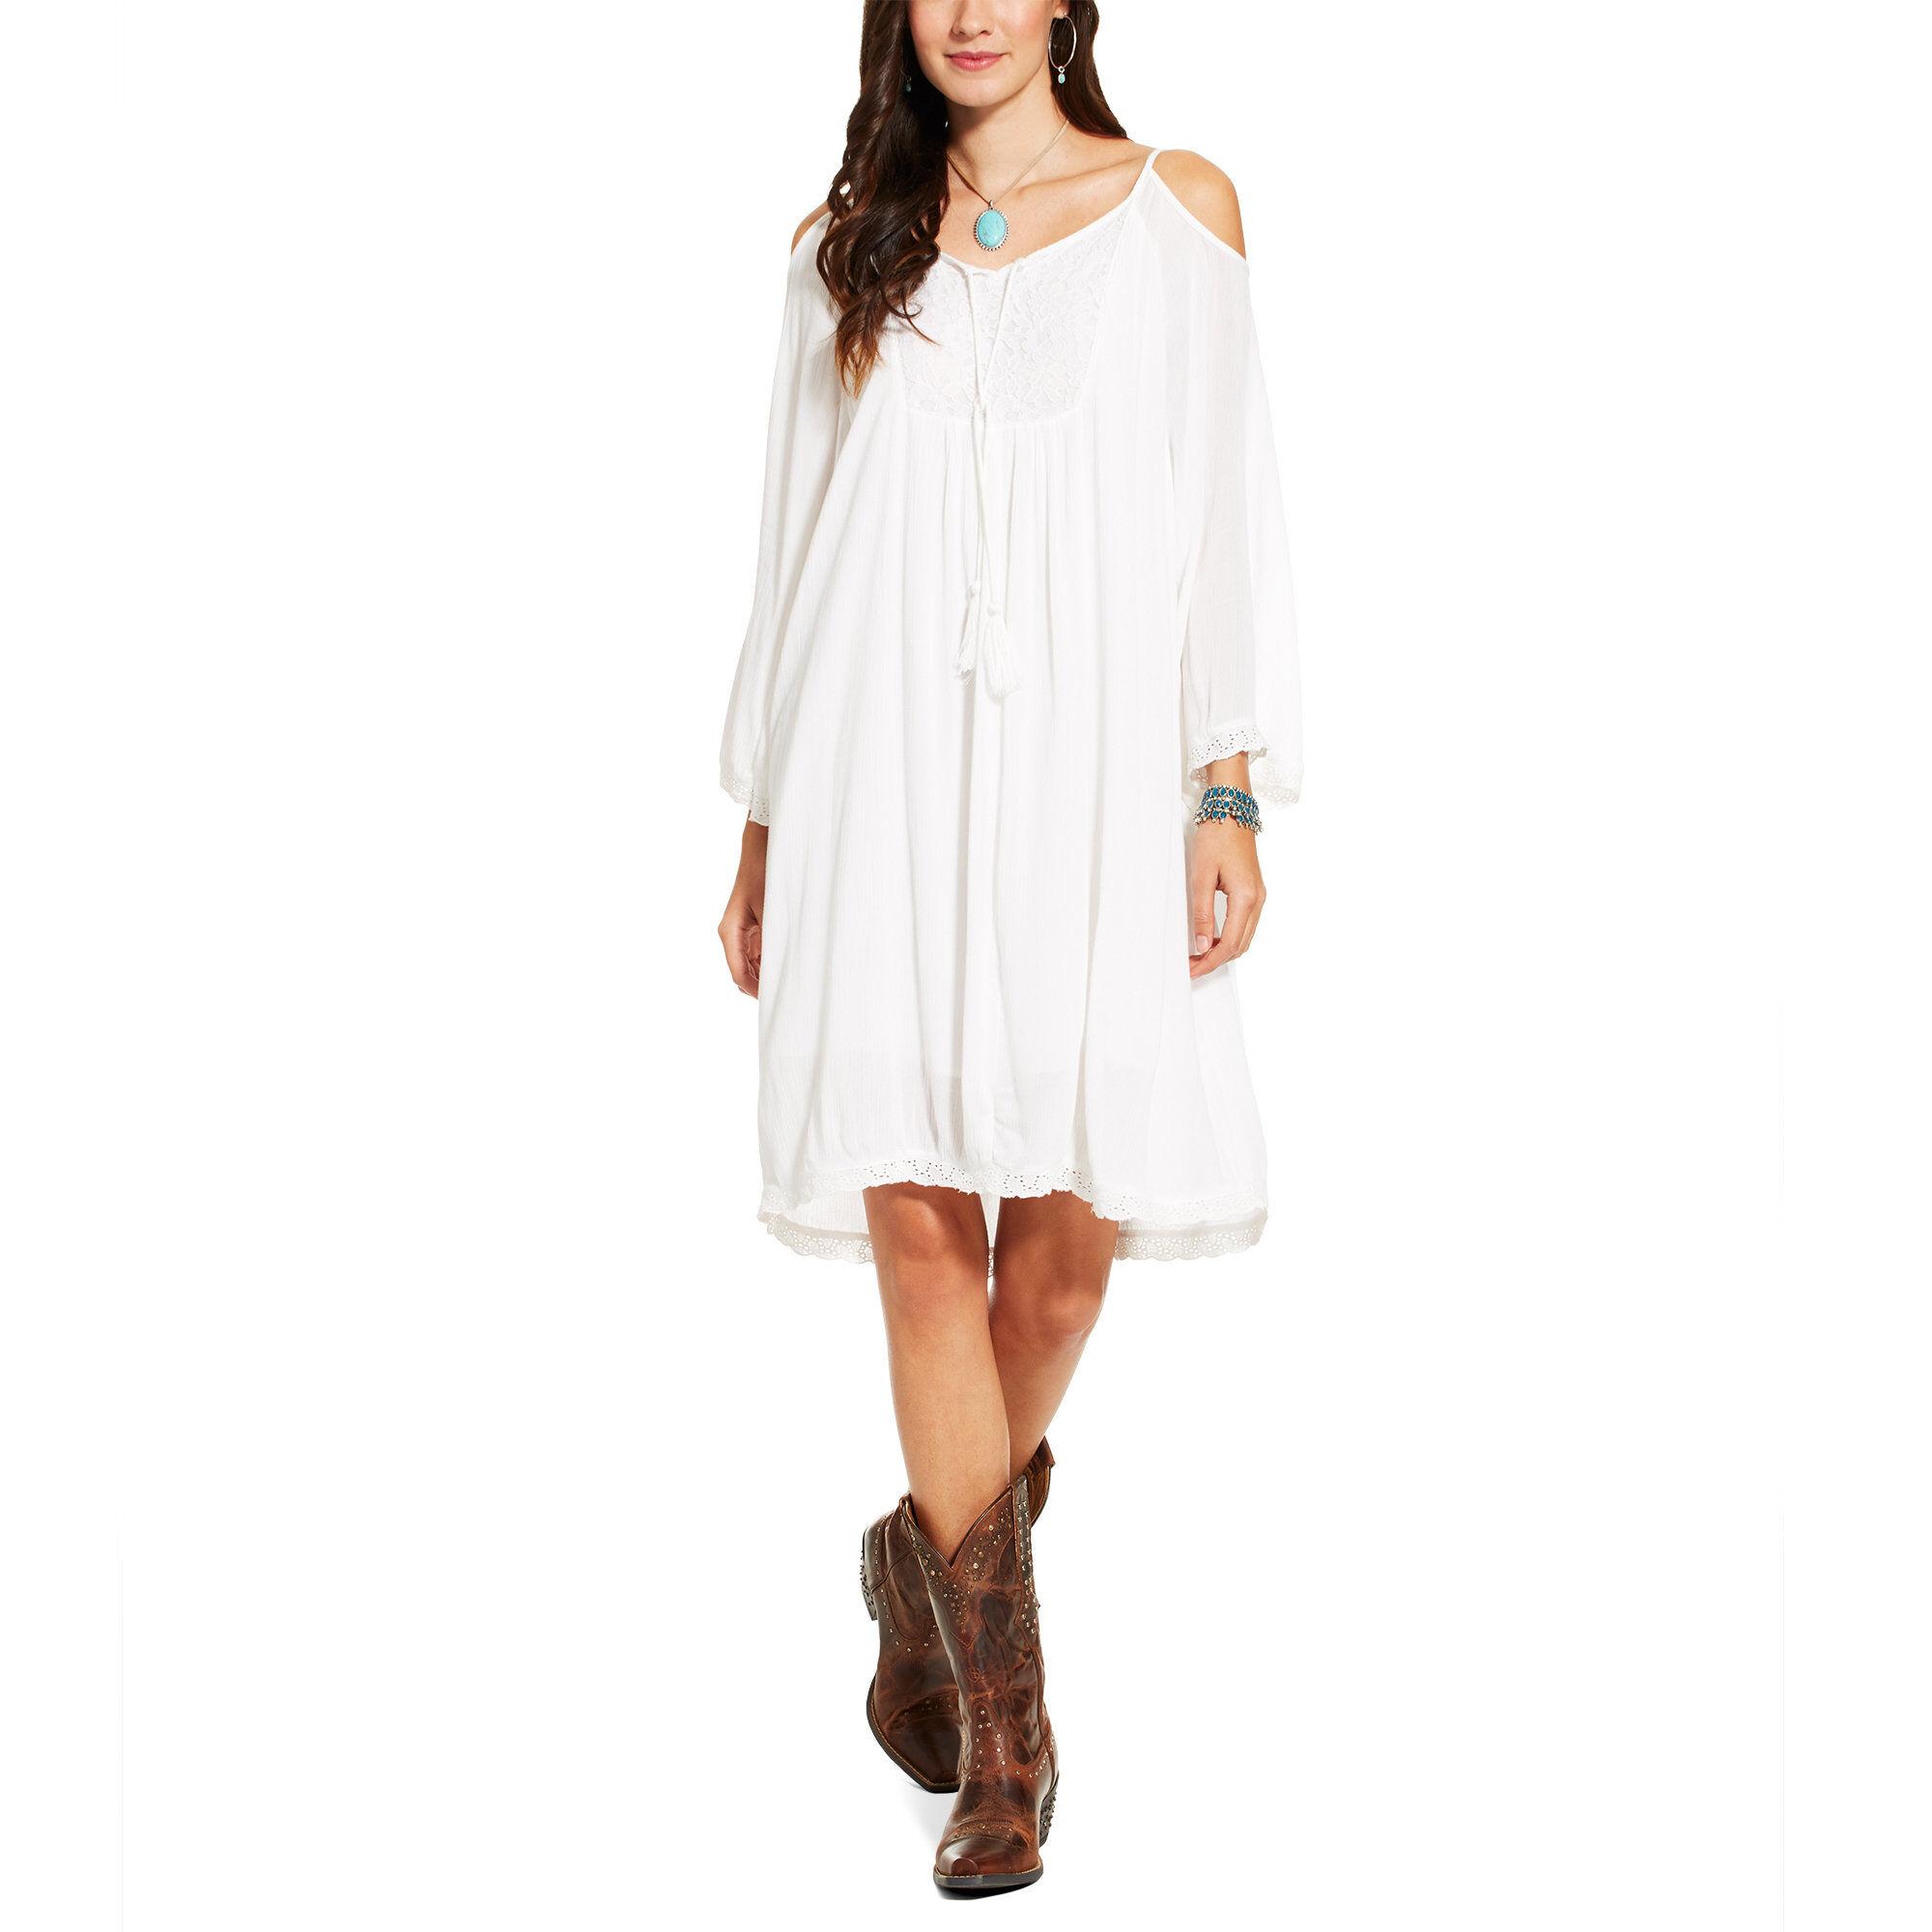 Caliente Dress Dress